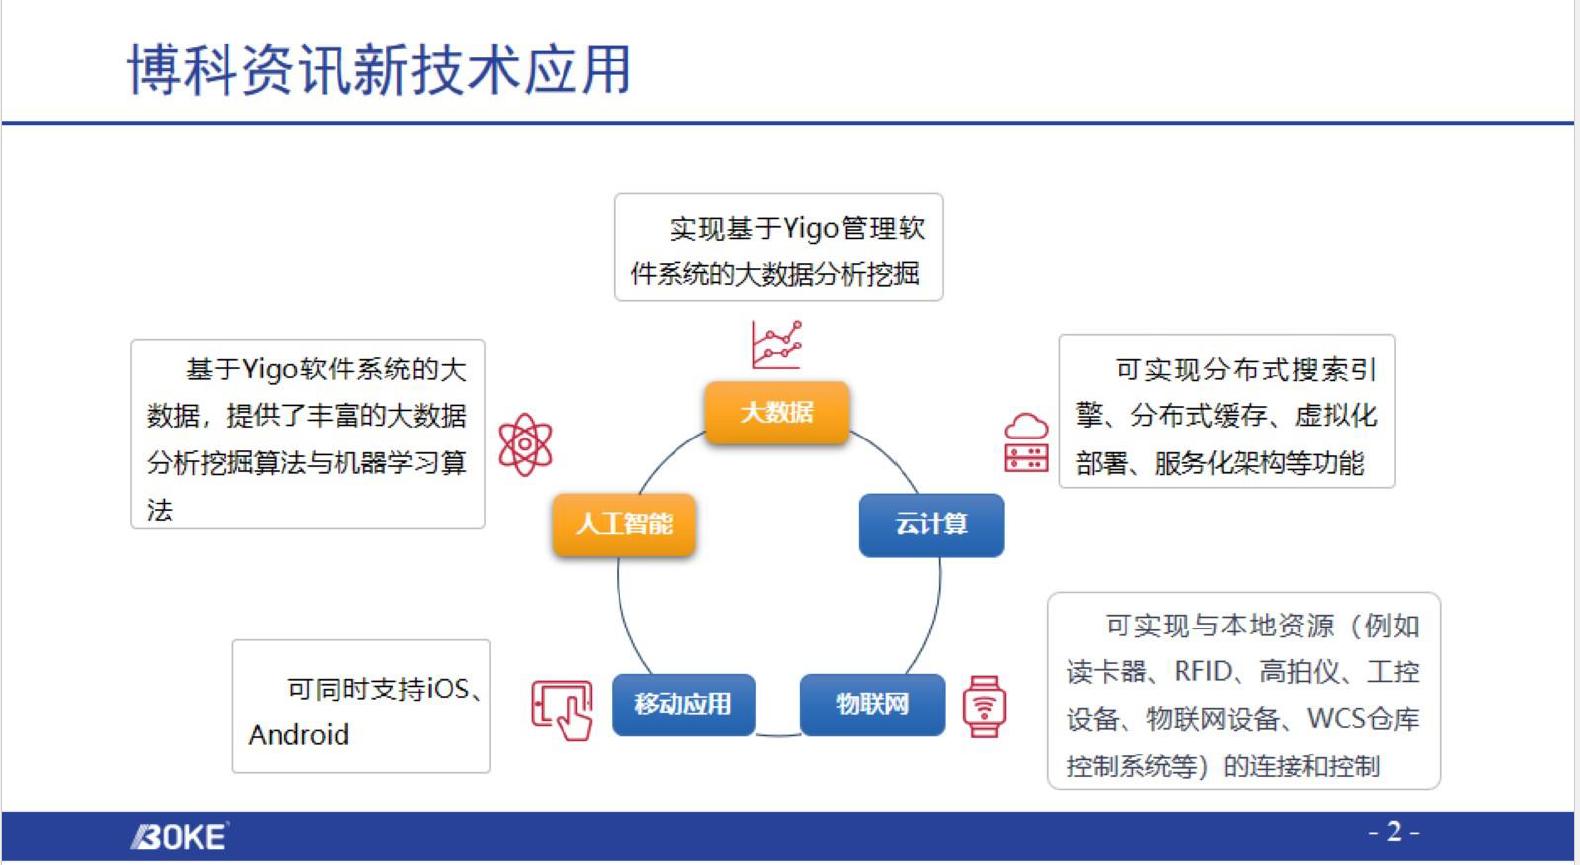 企业数字化转型-新技术及中台应用